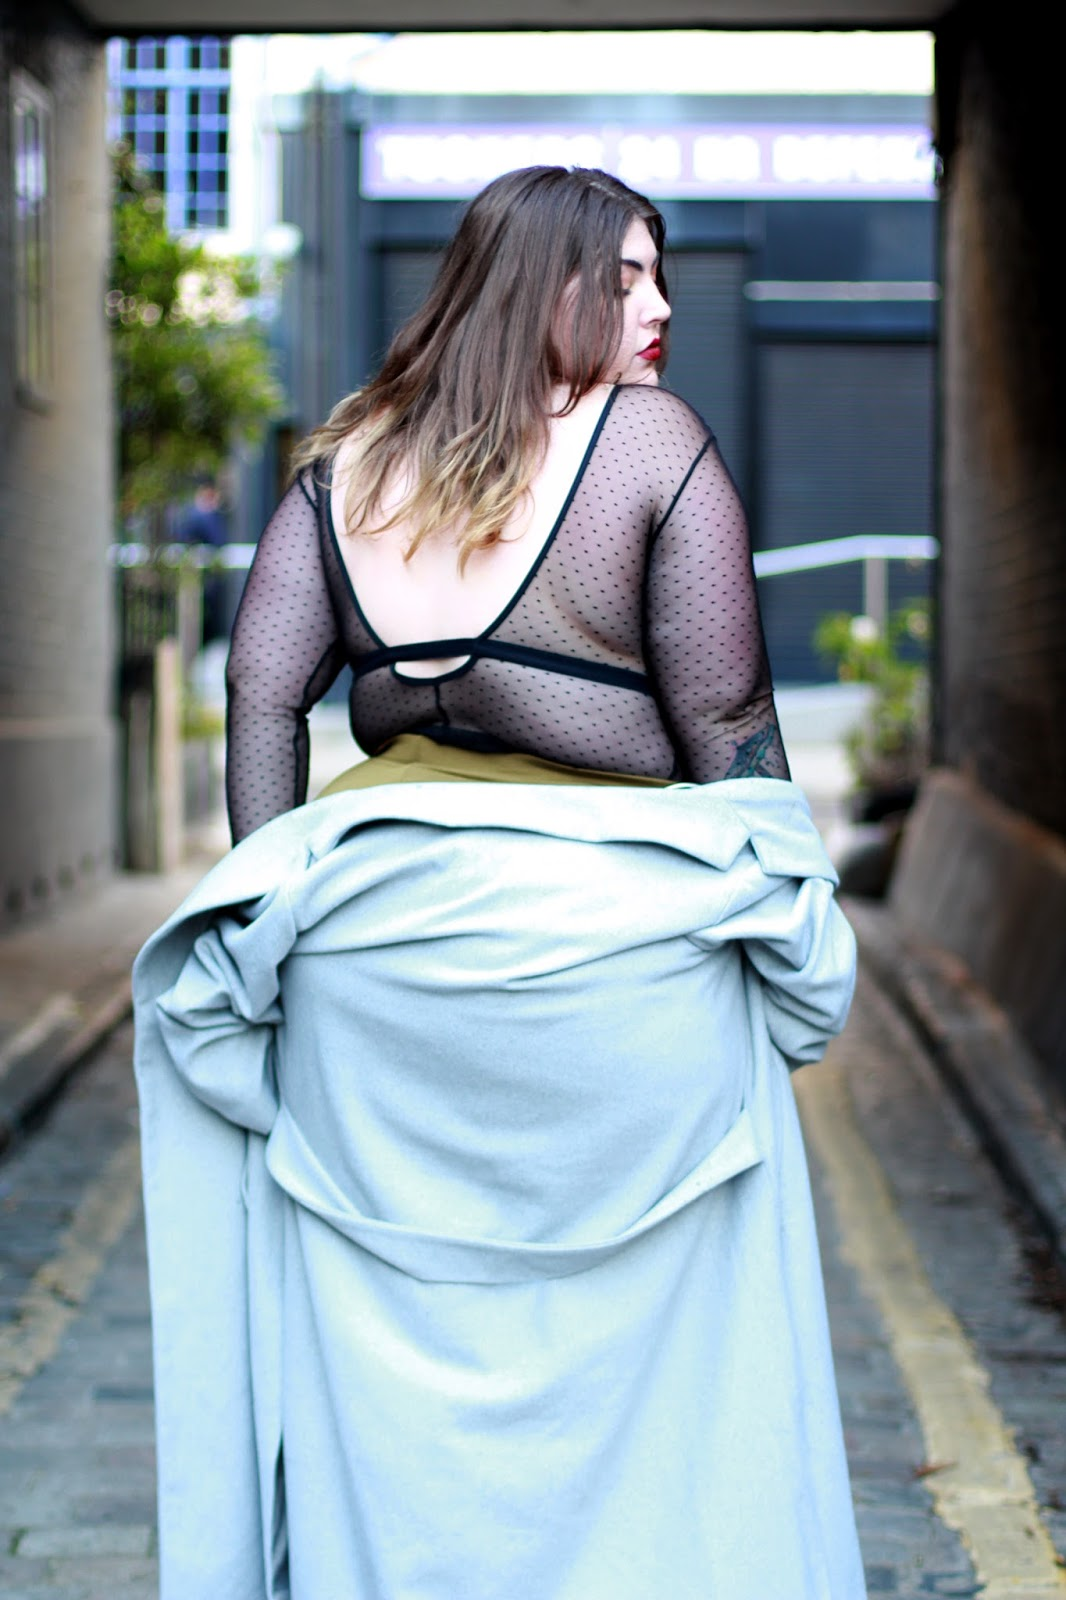 Plus Size Lingerie Body Suit Wear As Clothes - Style Advice